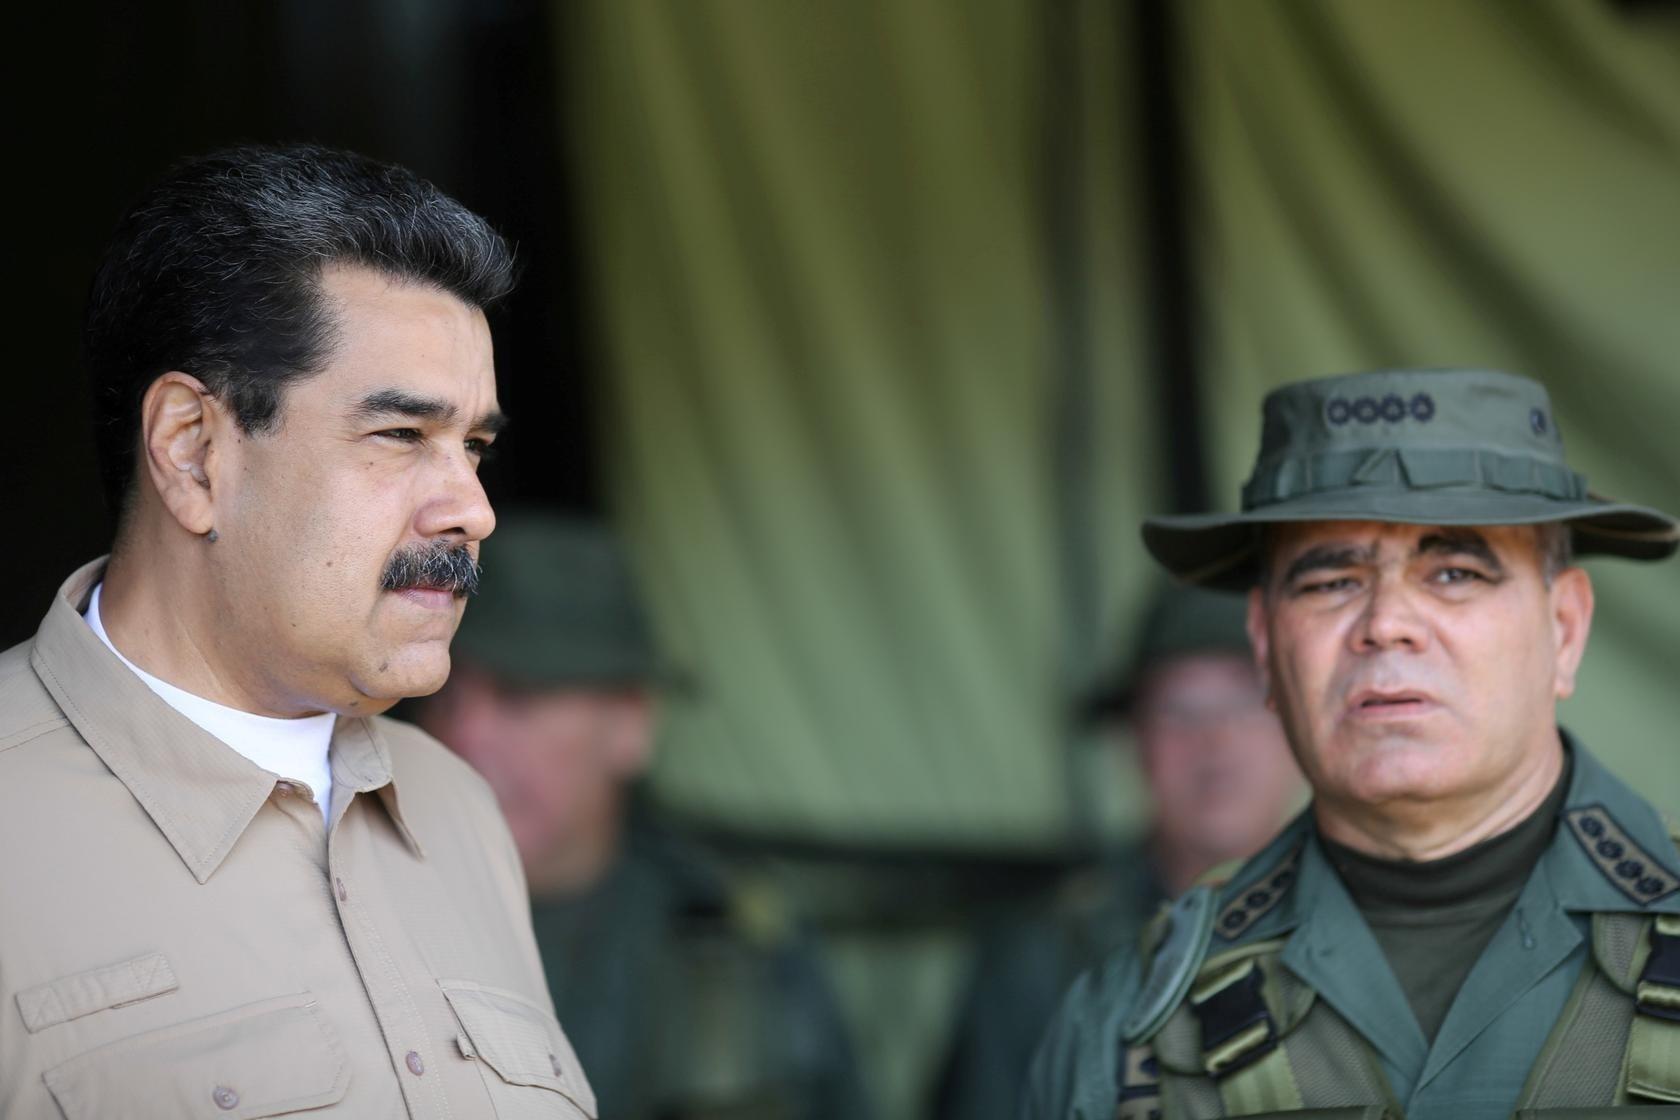 وزير الدفاع الفنزويلي للميادين: أقول للشعب تعالوا وصوتوا فالعملية آمنة